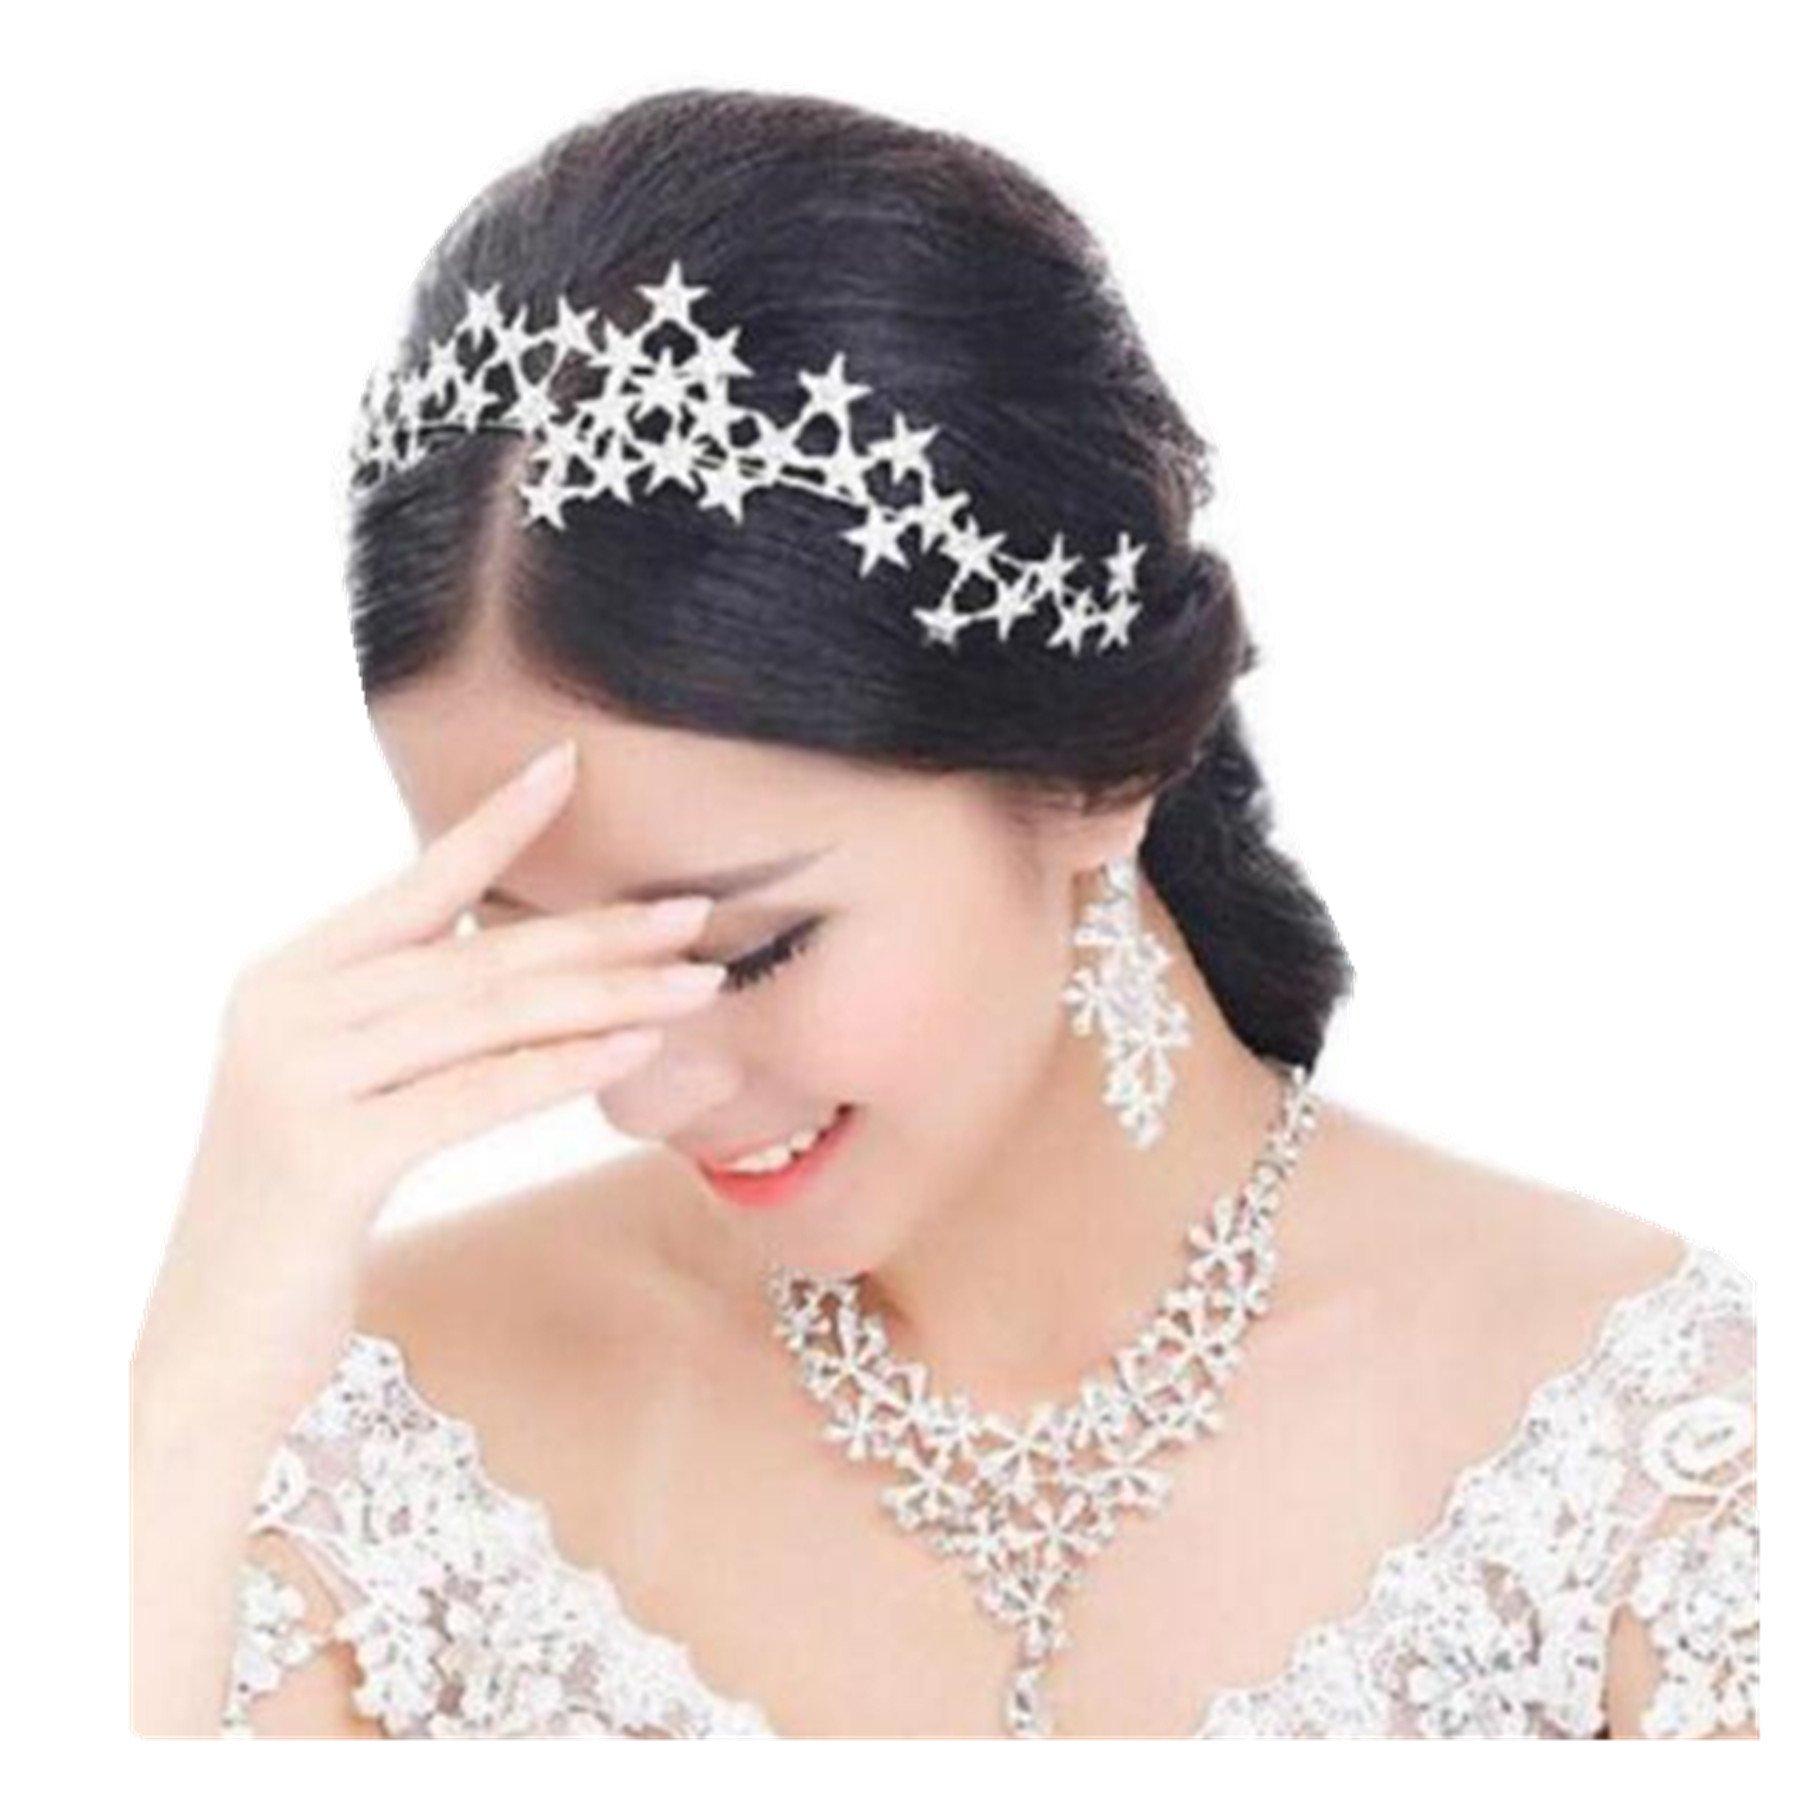 Wiipu Bride Wedding Crystal Rhinestone Star Crown Hair Accessories(N432) (1#-star)